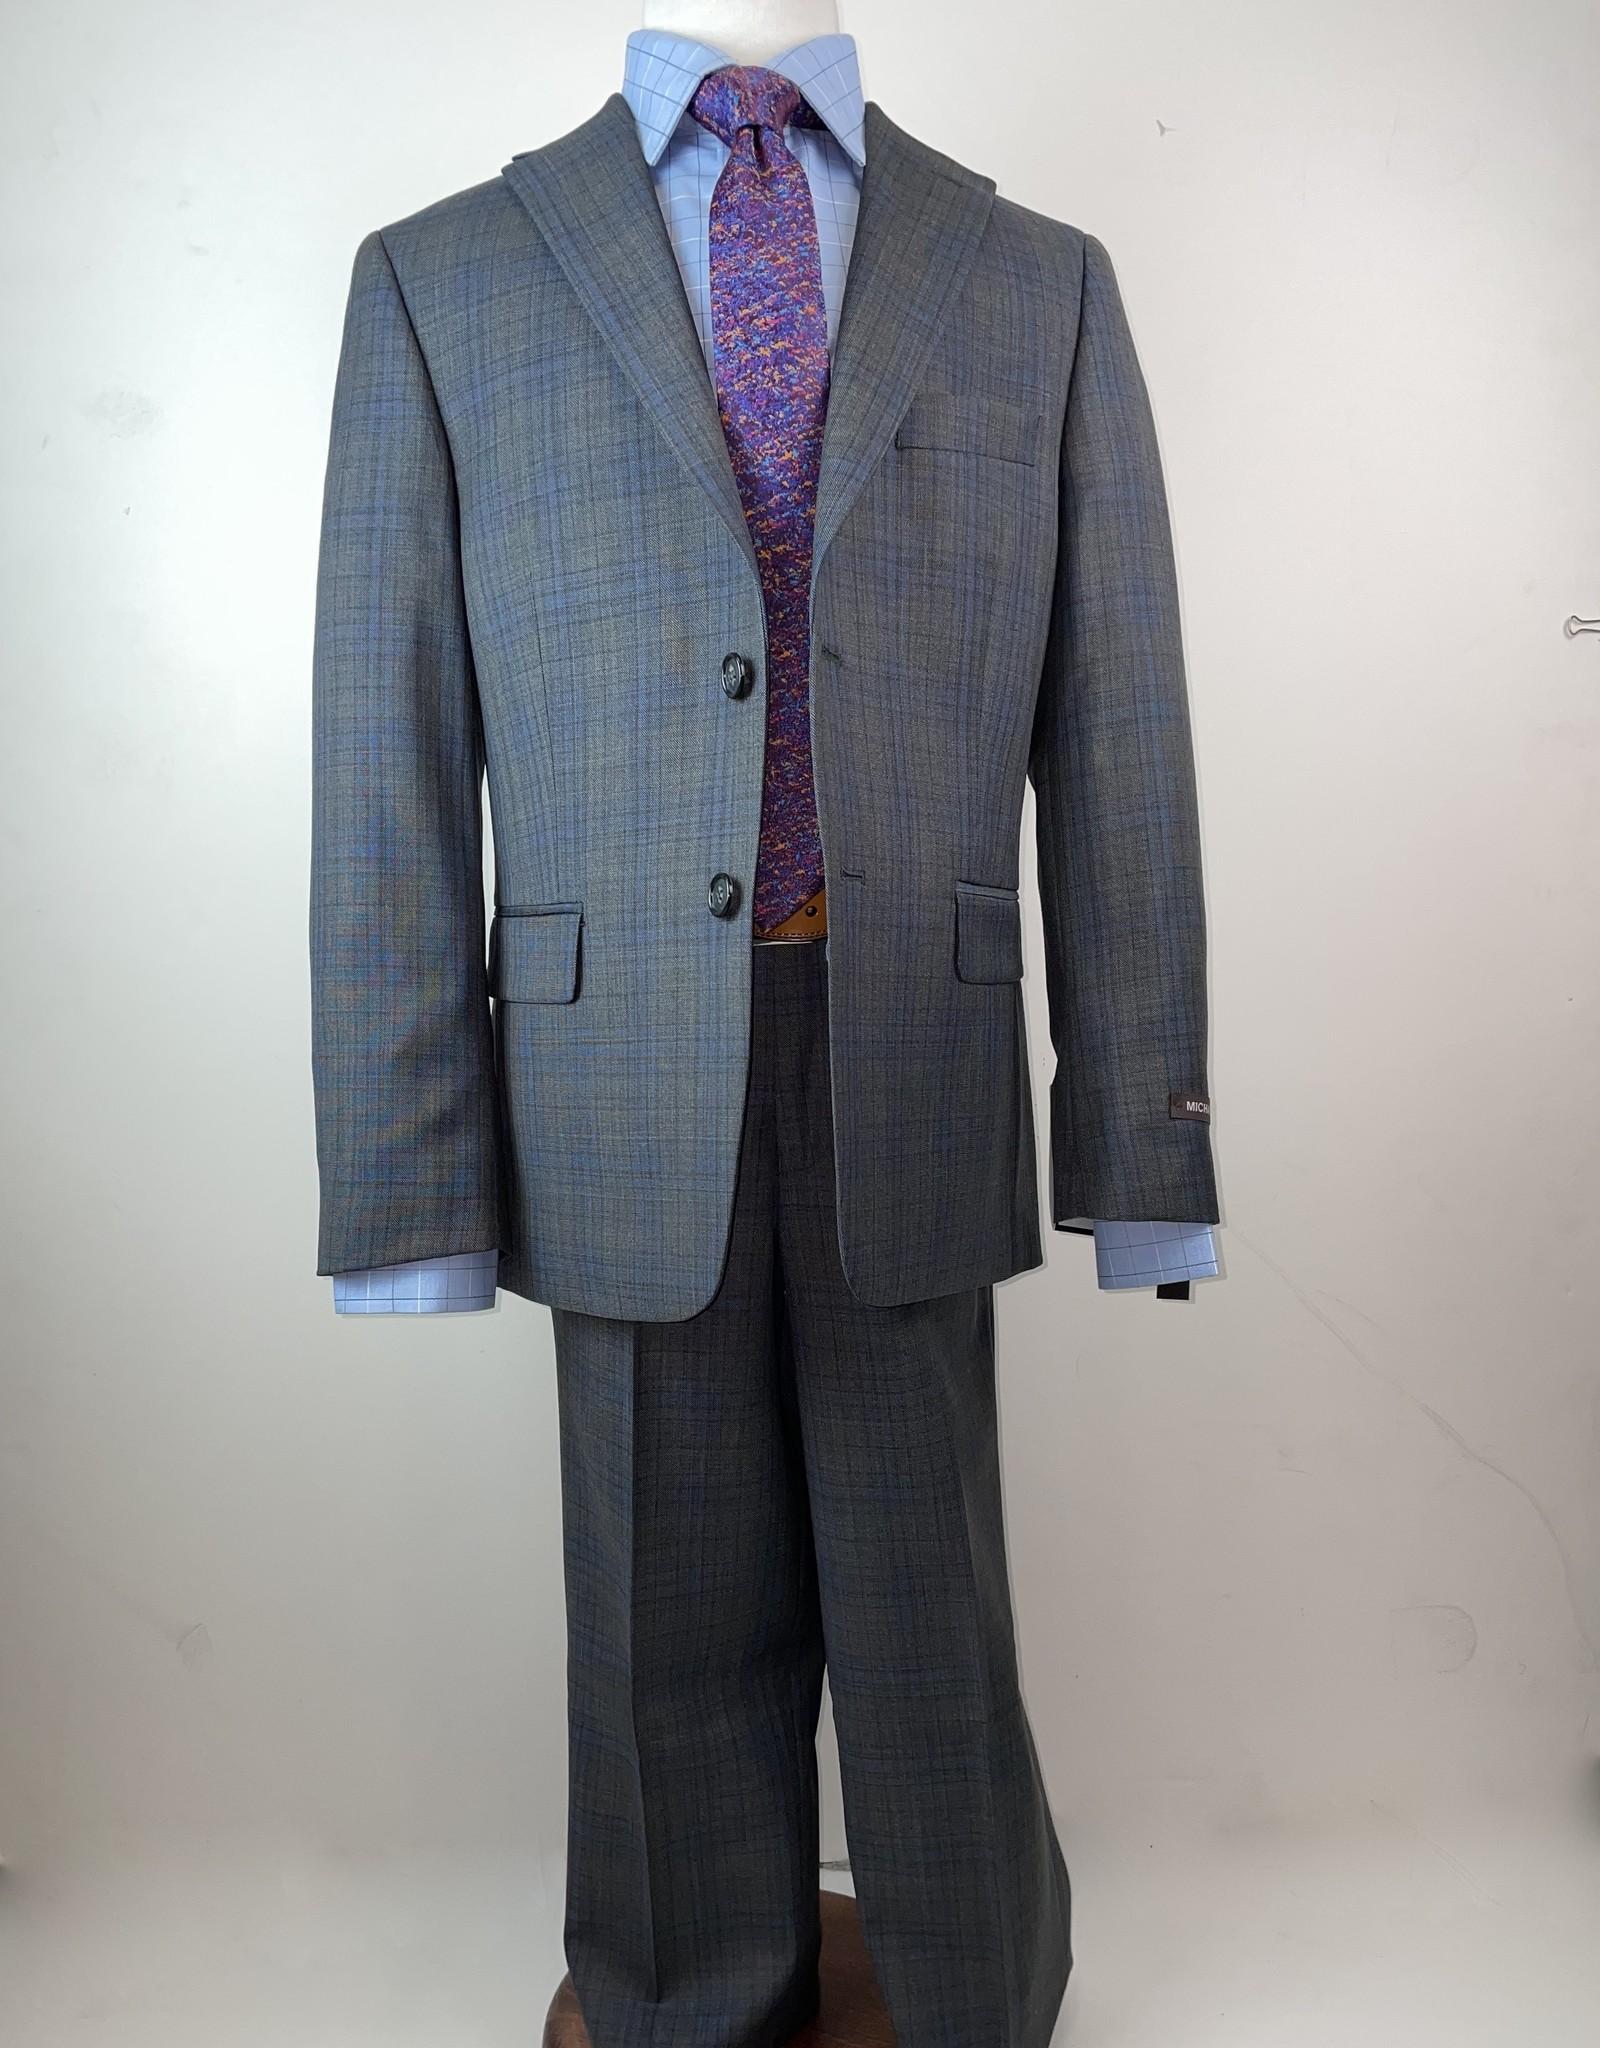 Michael Kors Suit Grey Light Blue Plaid